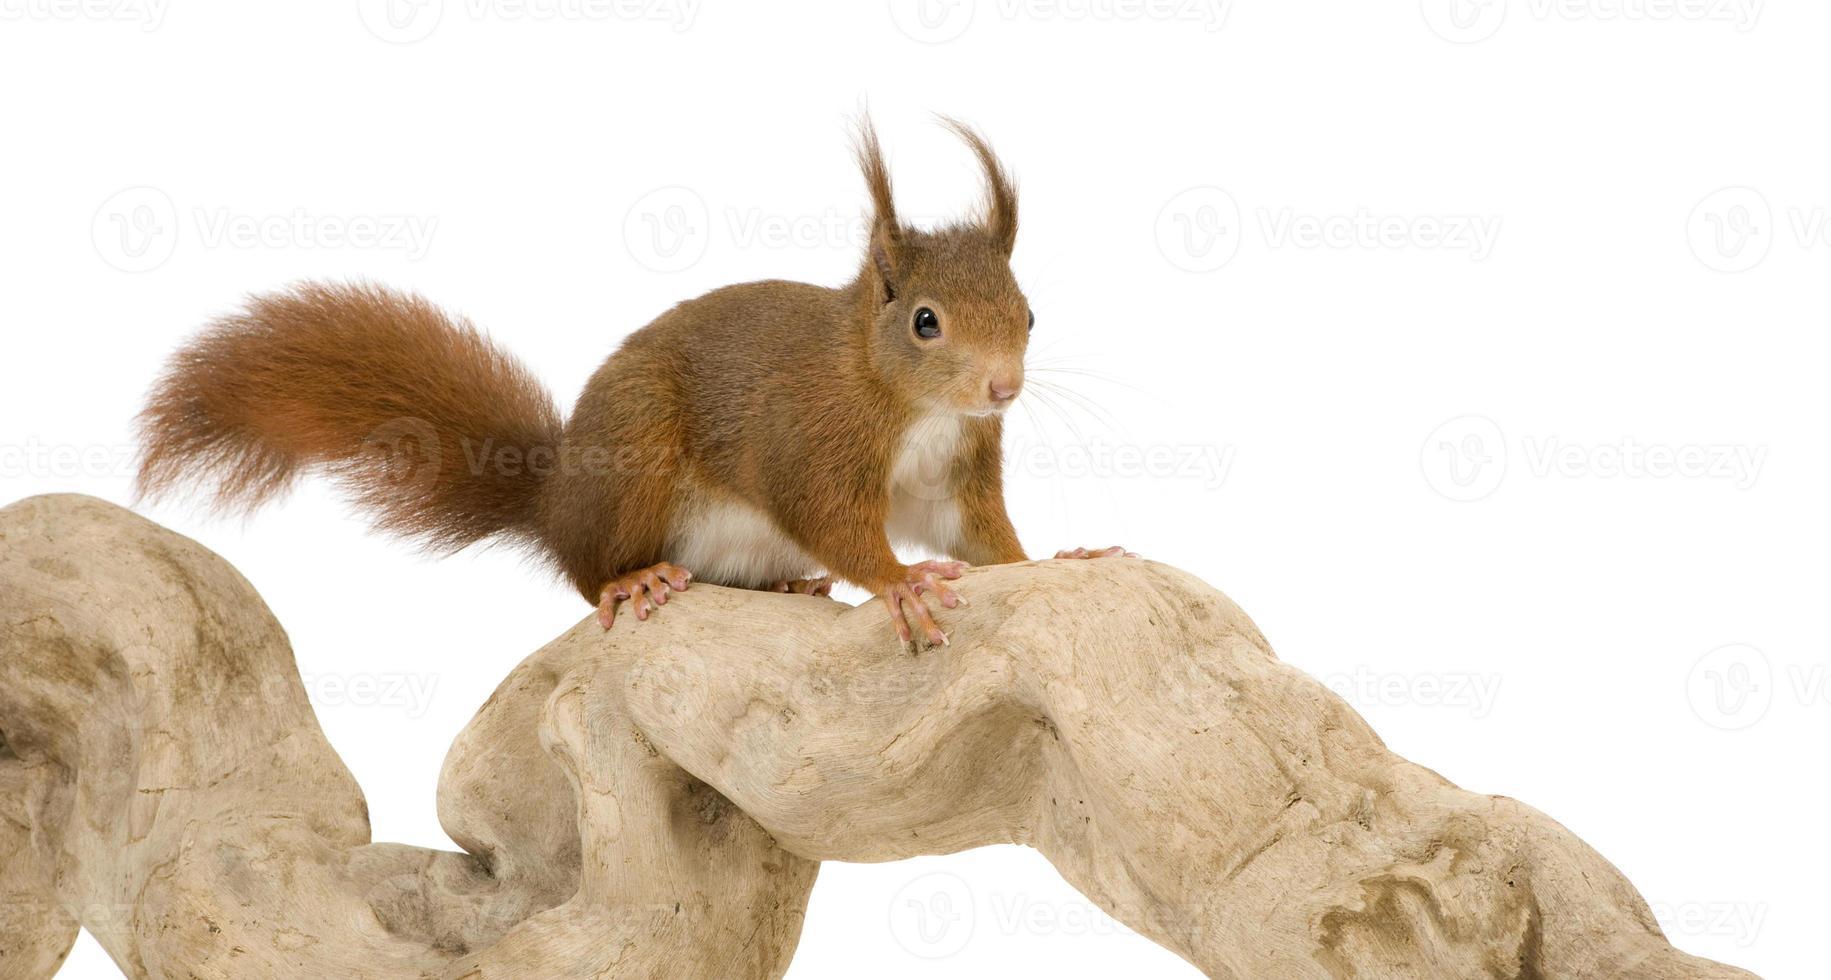 Euraziatische rode eekhoorn - sciurus vulgaris (2 jaar) foto